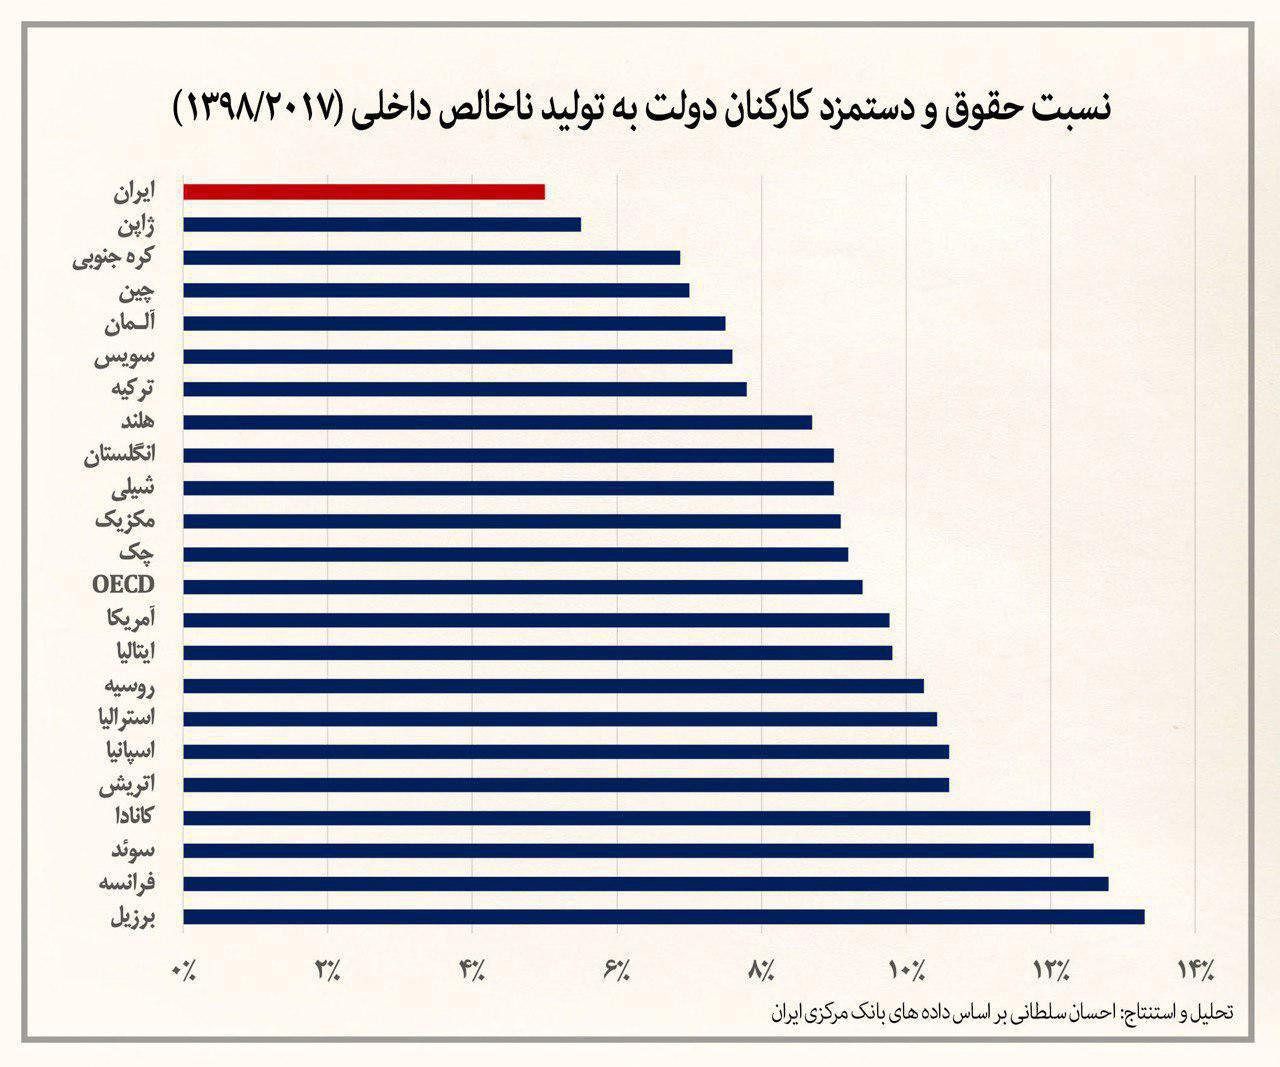 سقوط ارزش پول ملی، نسبت کل حقوق و دستمزد کارکنان دولت به تولید ناخالص داخلی